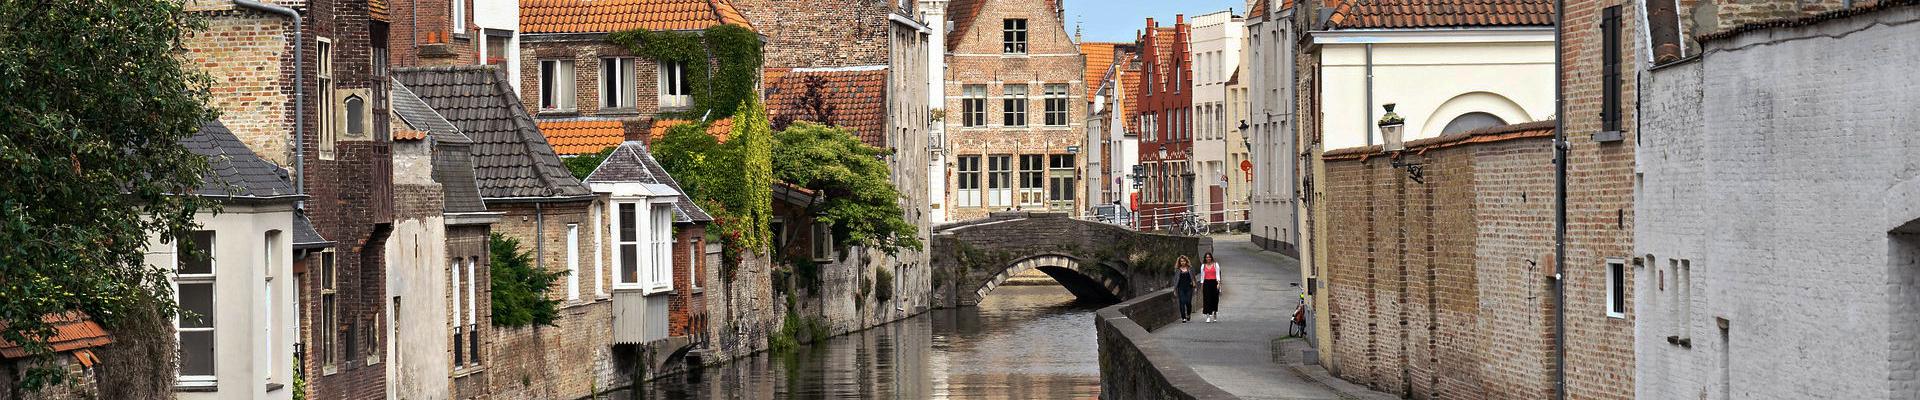 gemeinschaftlich Wohnen in Belgien